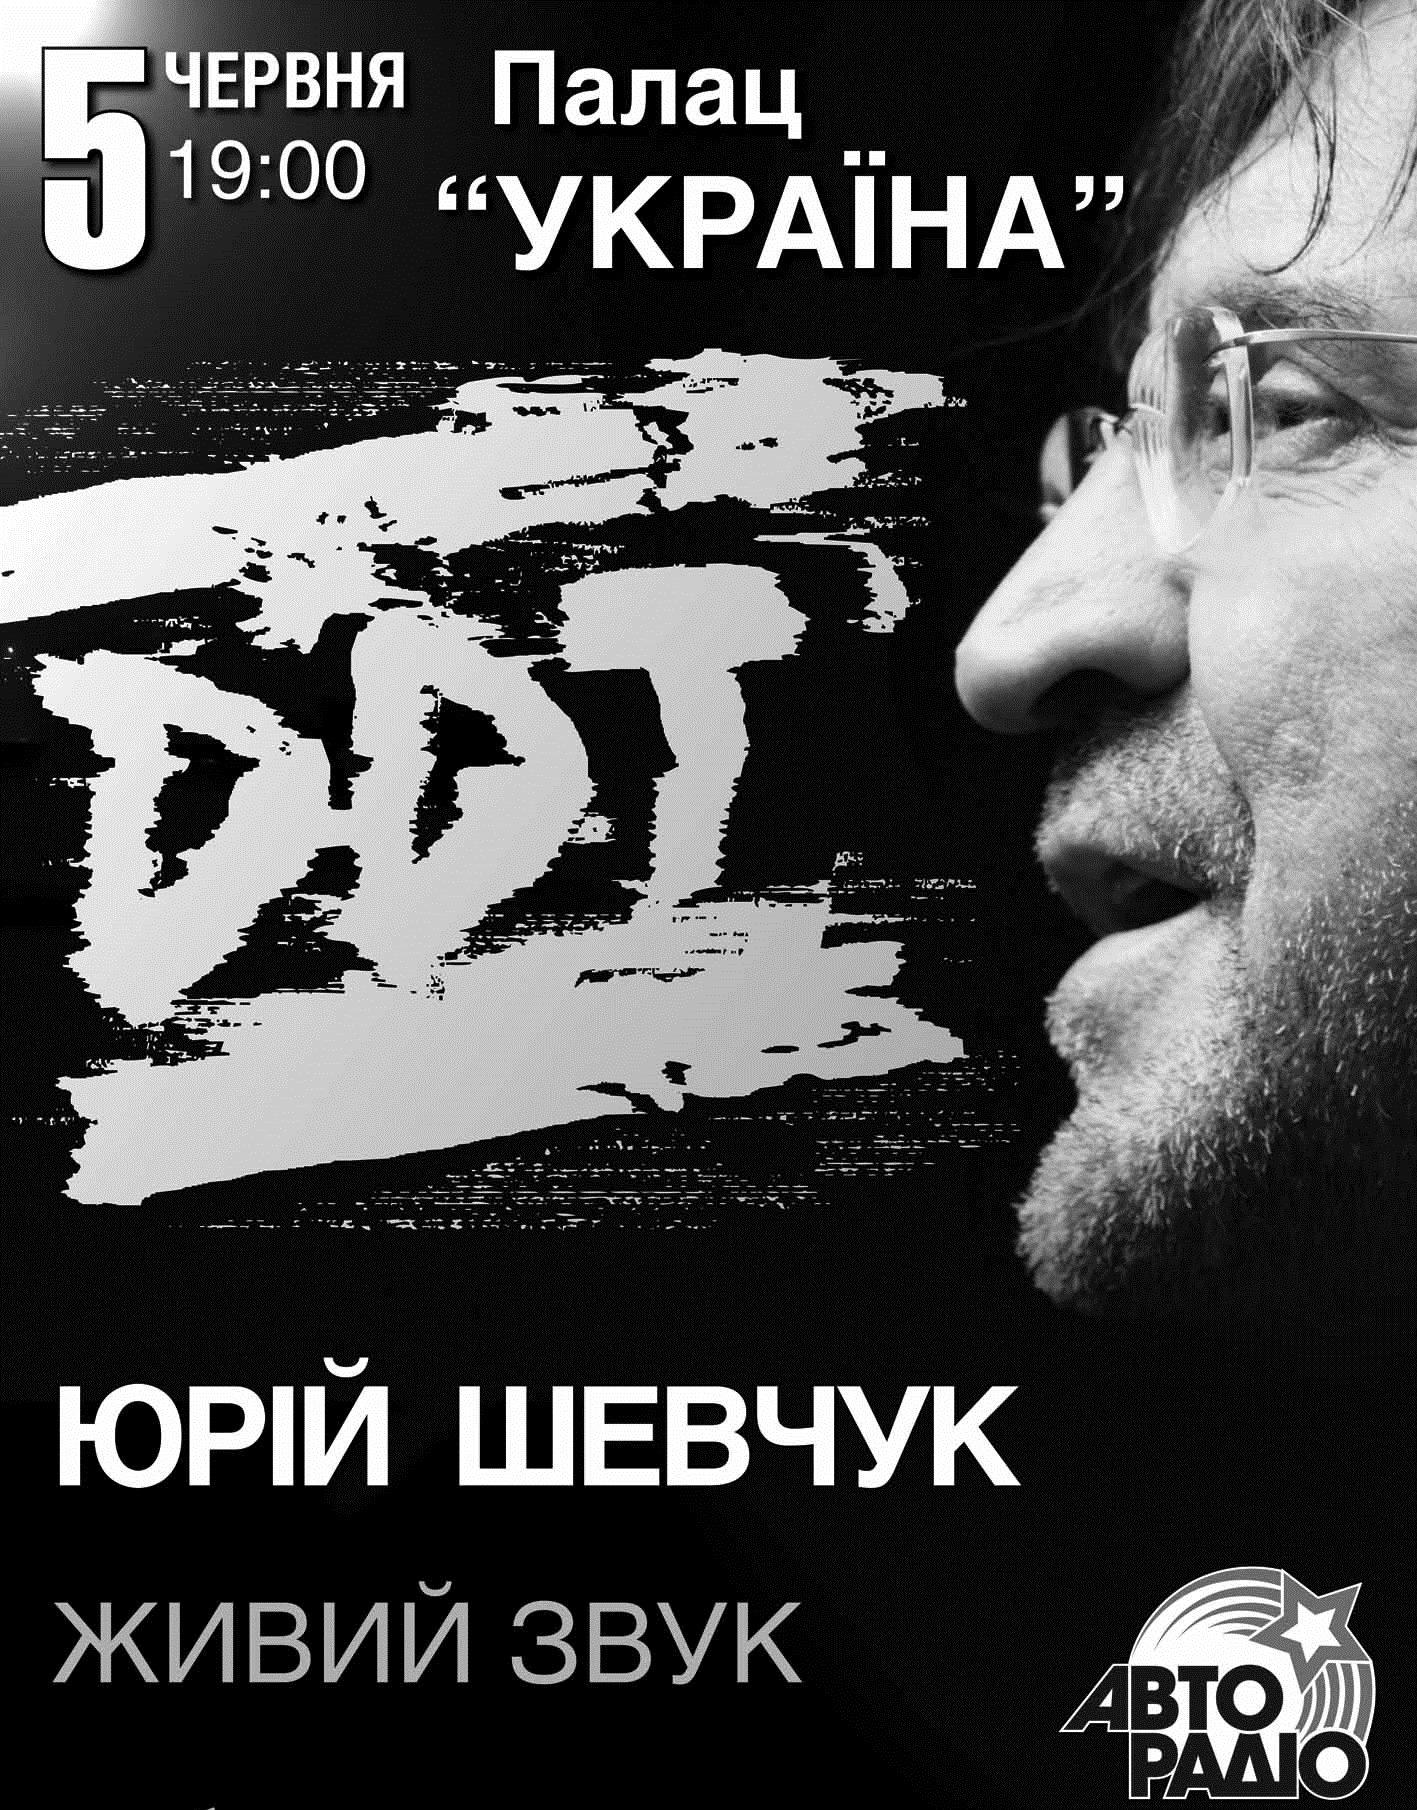 ДДТ. Юрий Шевчук. Концерт в Киеве